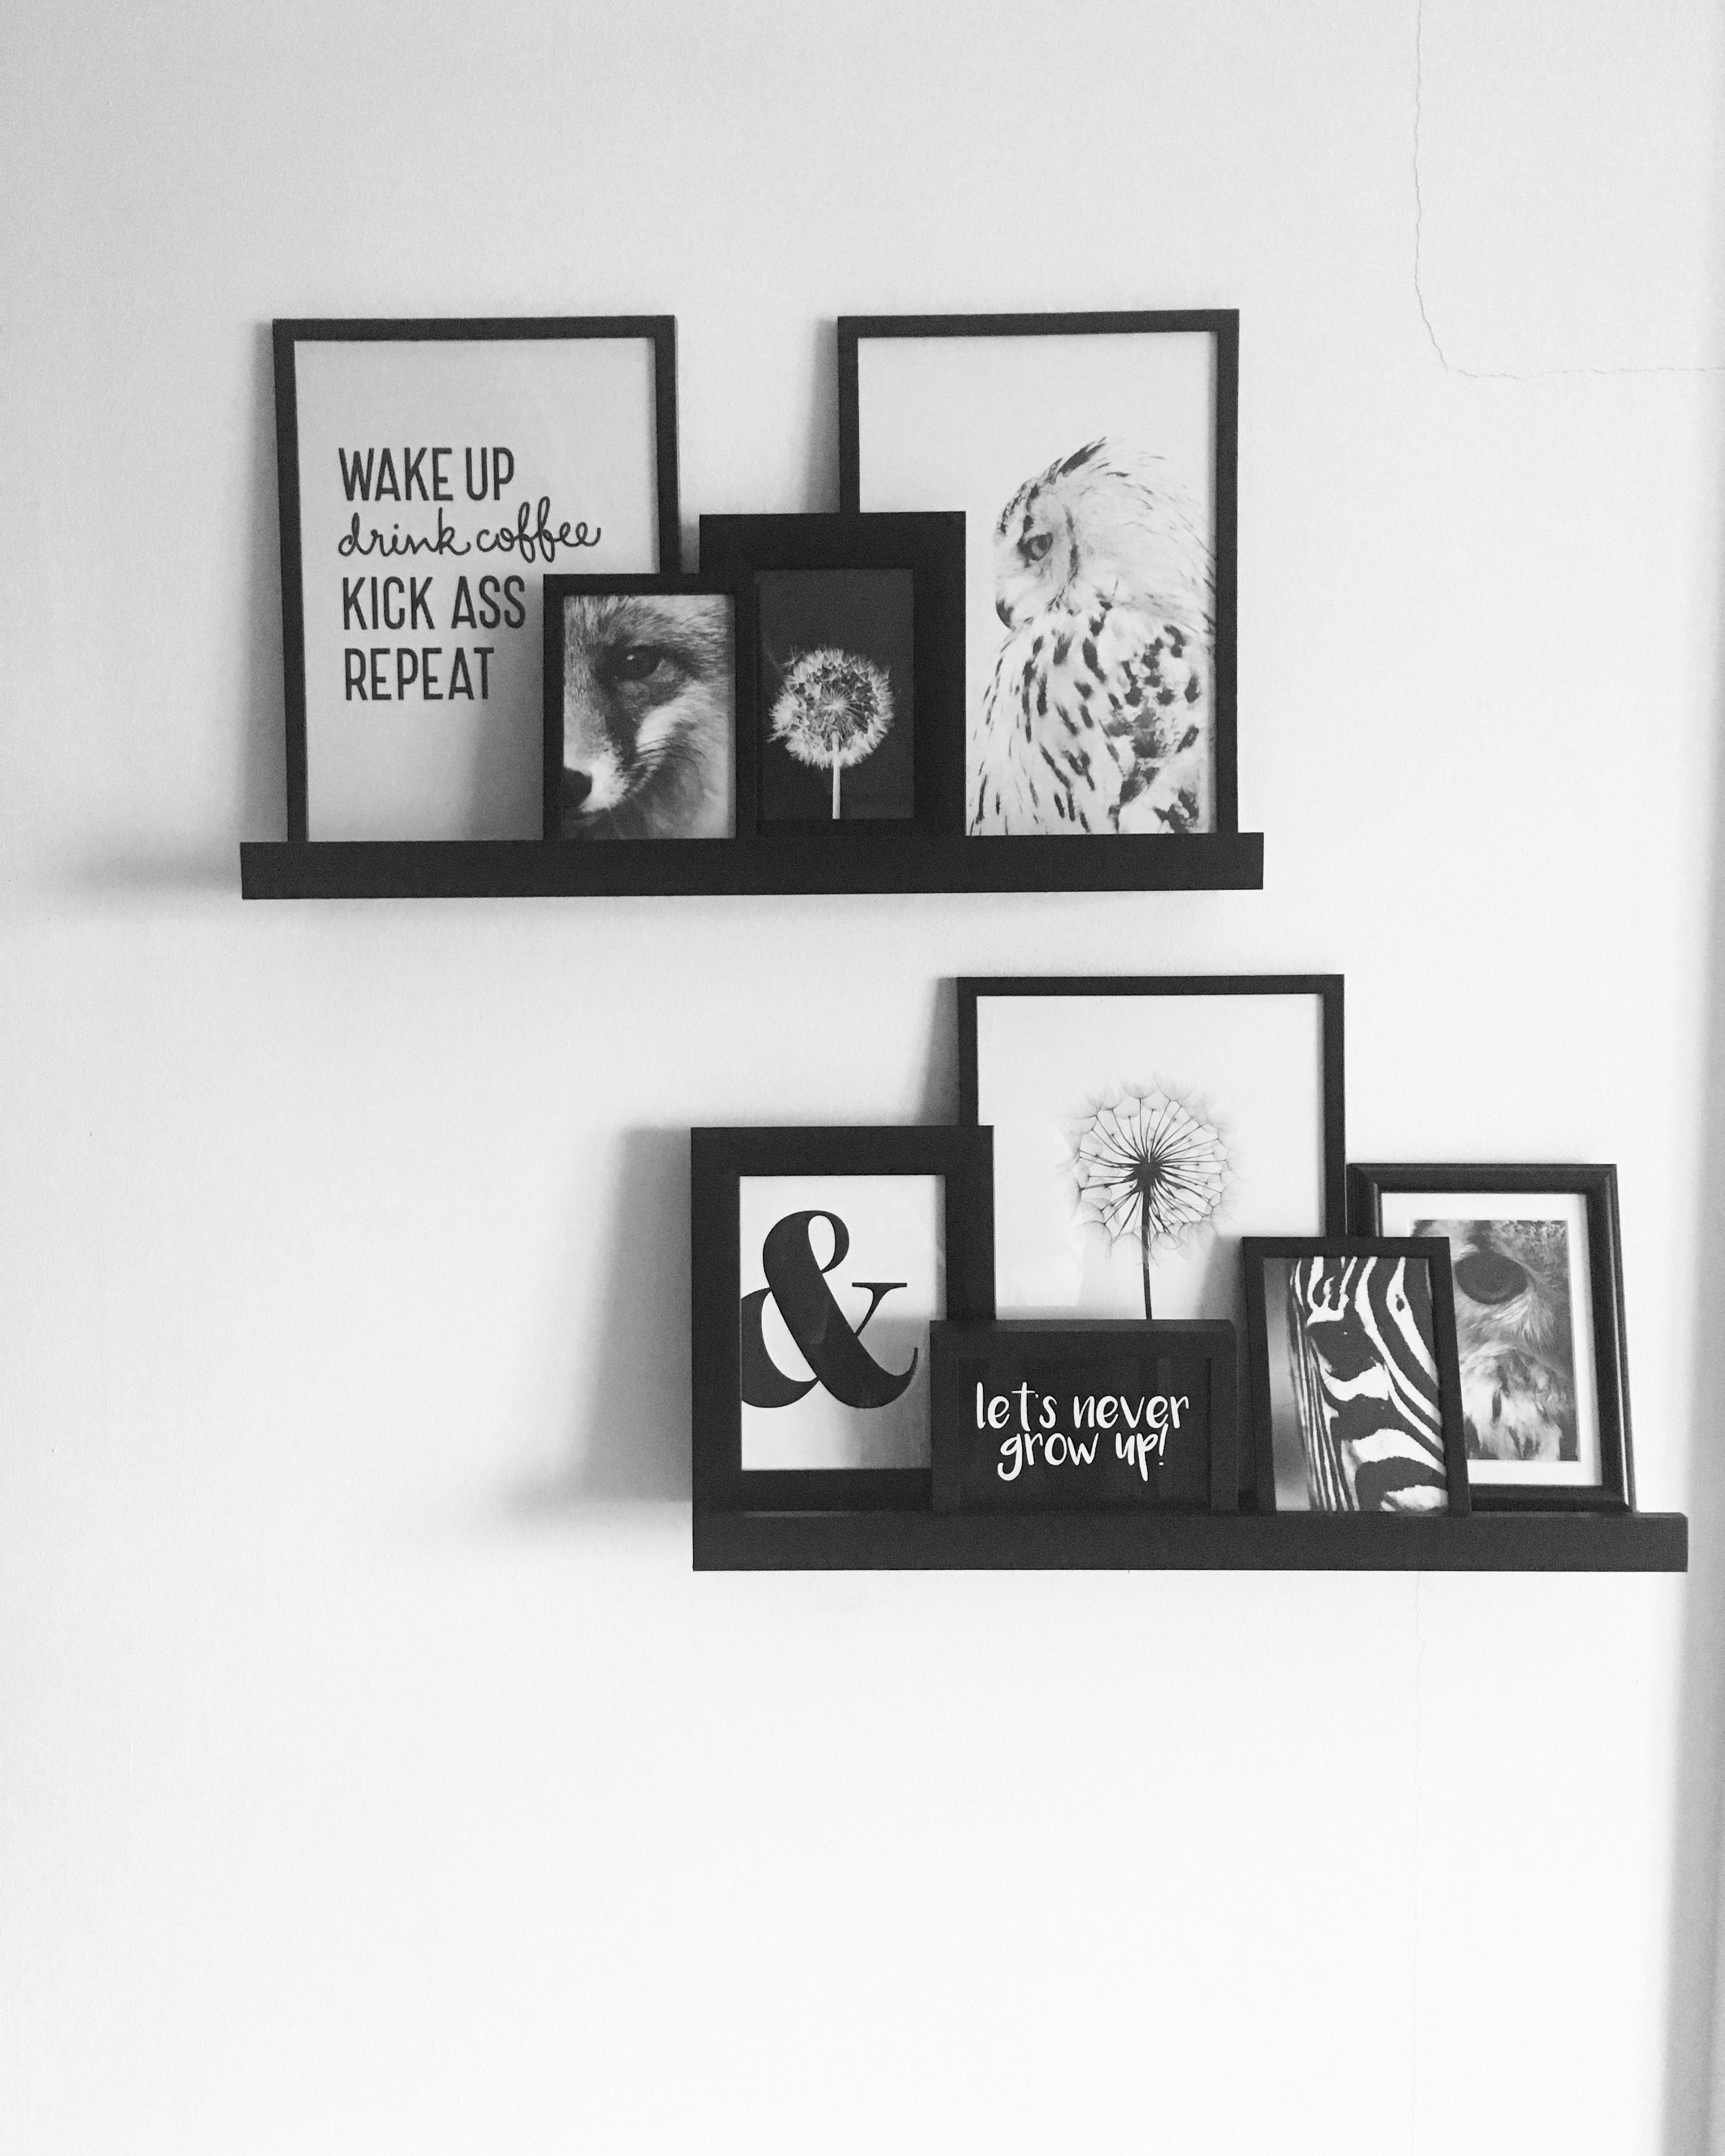 Kaarten En Posters Van Desenio En Kaart En Poster Fotoplankjes Van Ikea En Lijs Deseni Slaapkamer Posters Home Decor Slaapkamer Slaapkamerideeen